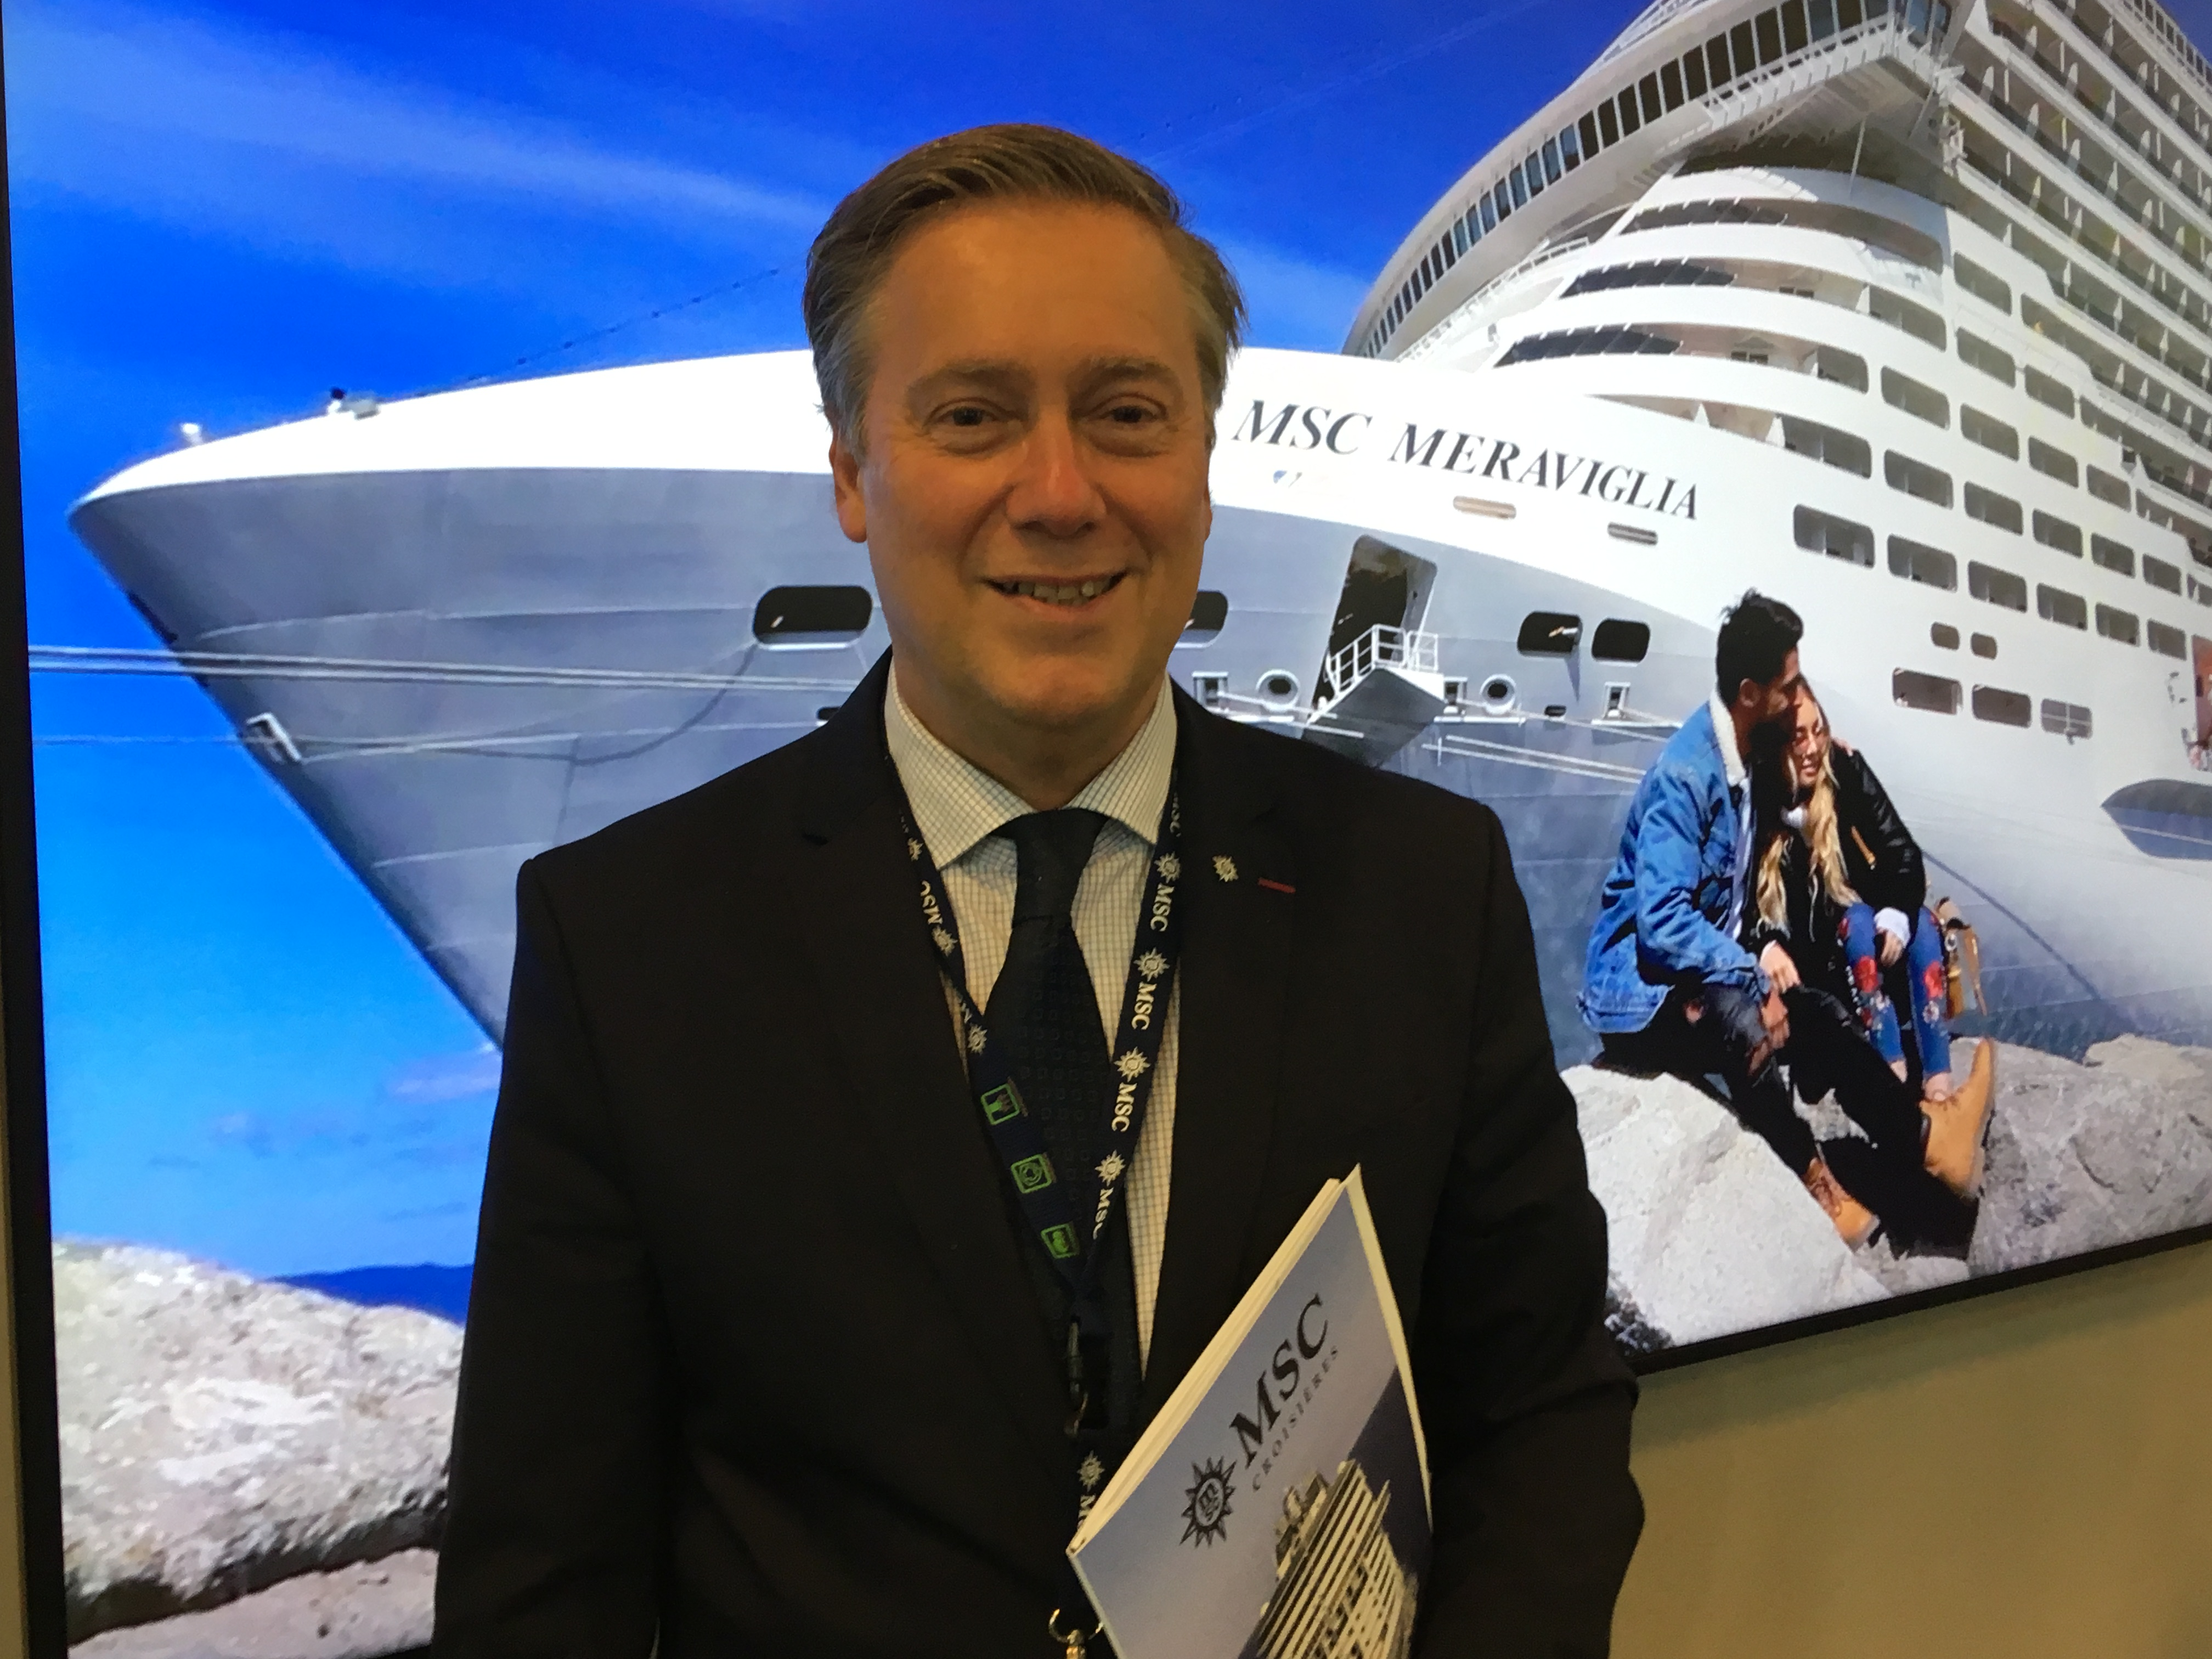 Patrick Pourbaix, directeur général de MSC Croisières France, Belgique et Luxembourg. - CL